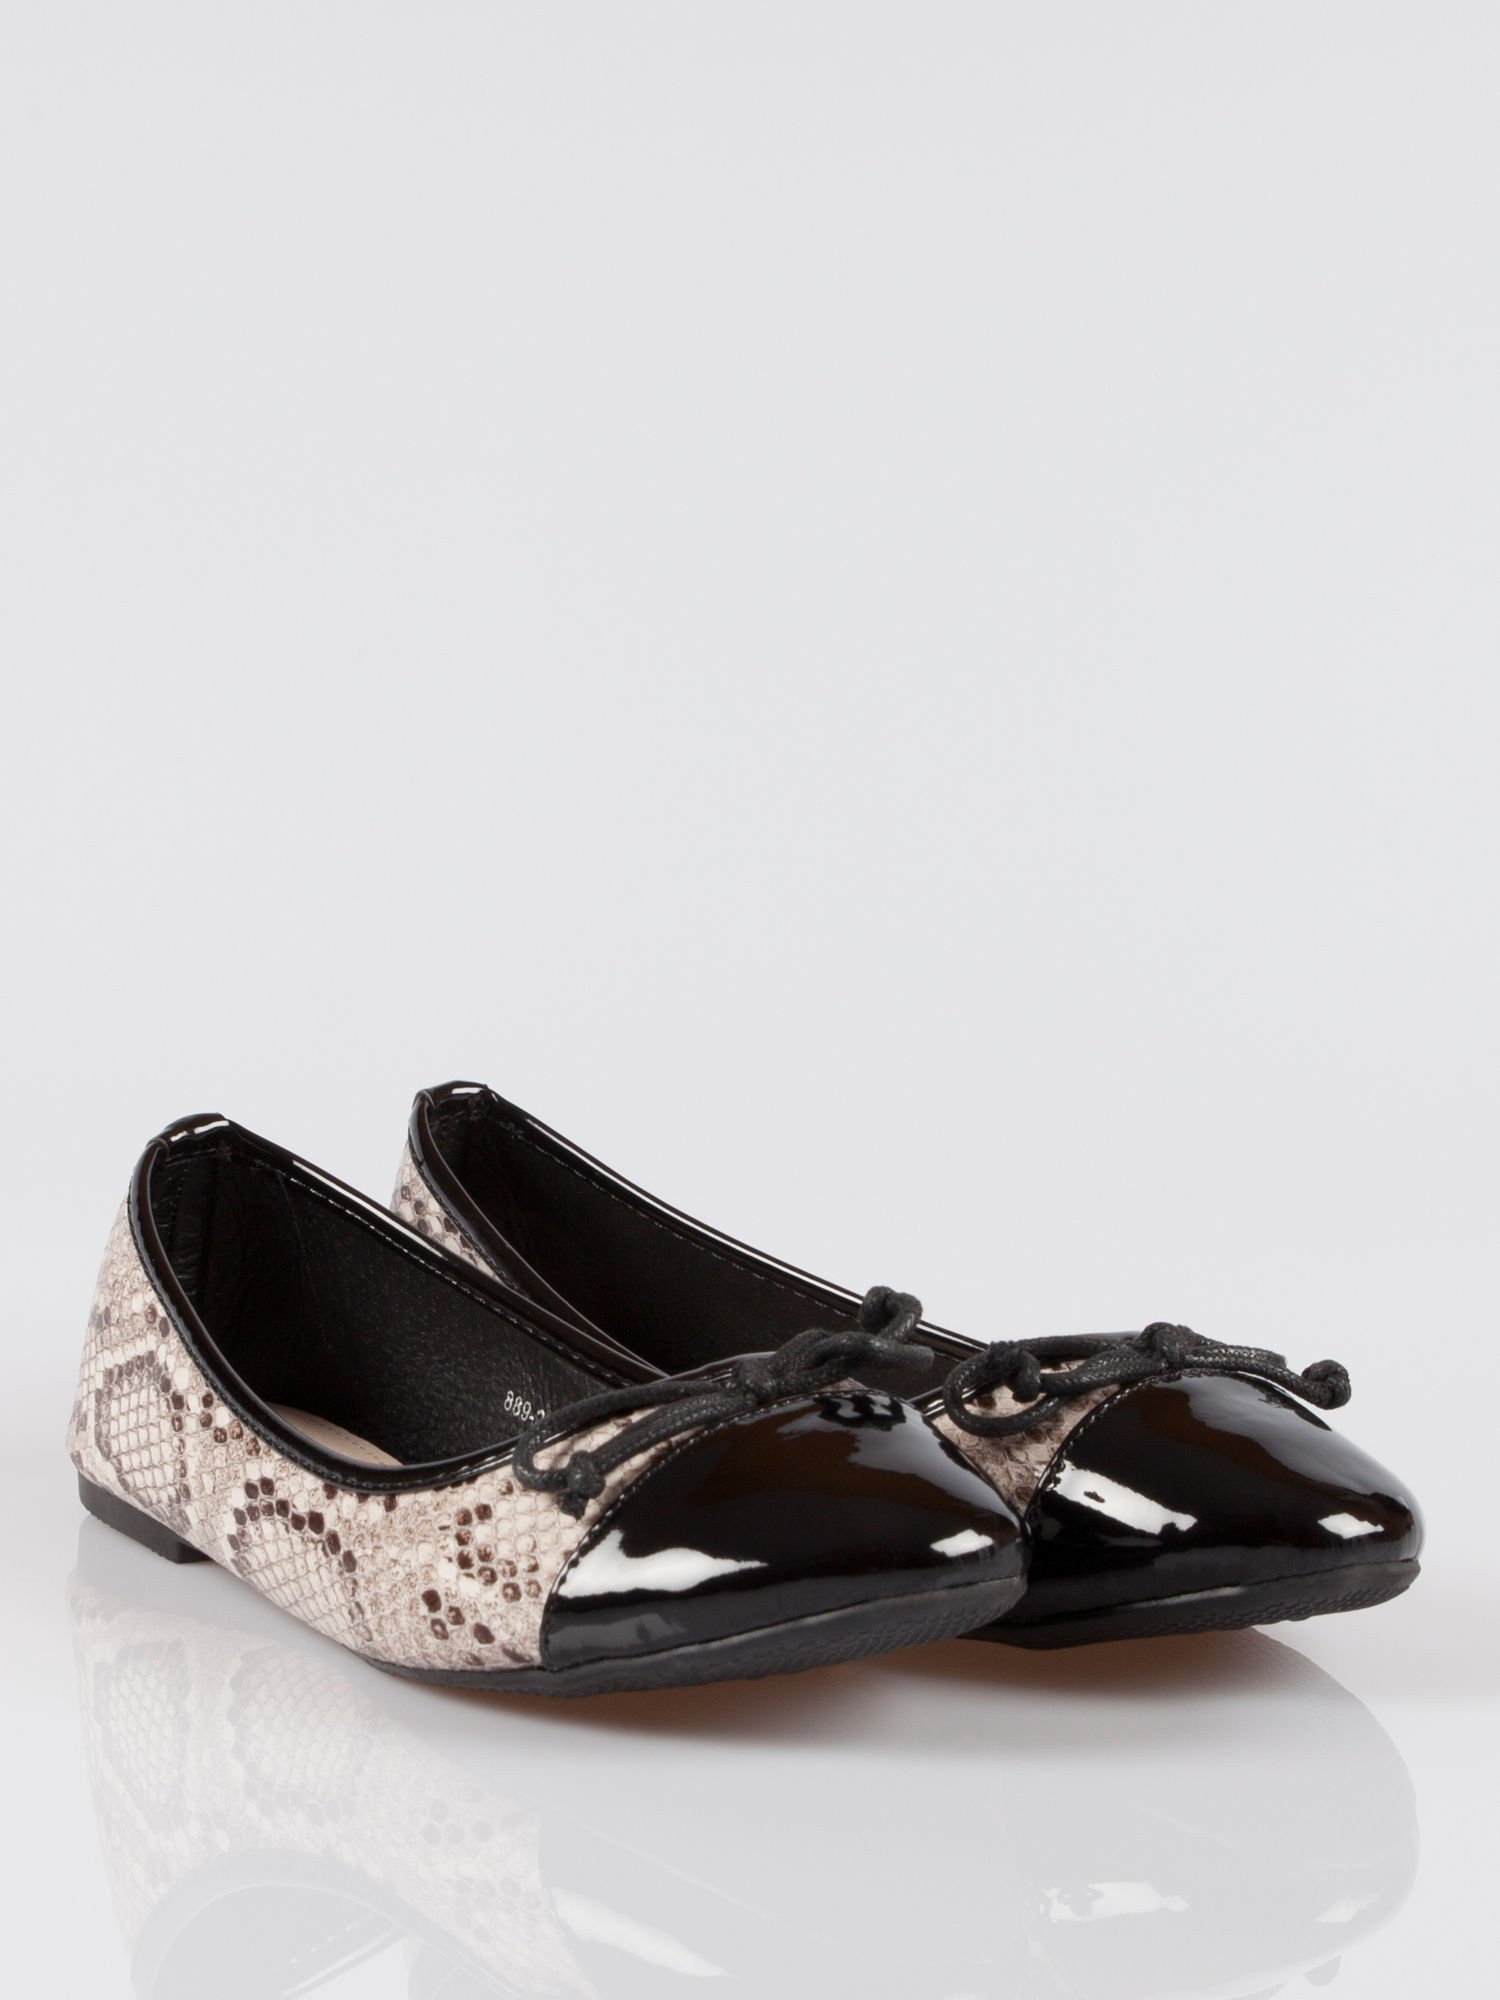 Wężowe baleriny animal pattern z czarnym lakierowanym czubkiem beżowe                                  zdj.                                  1